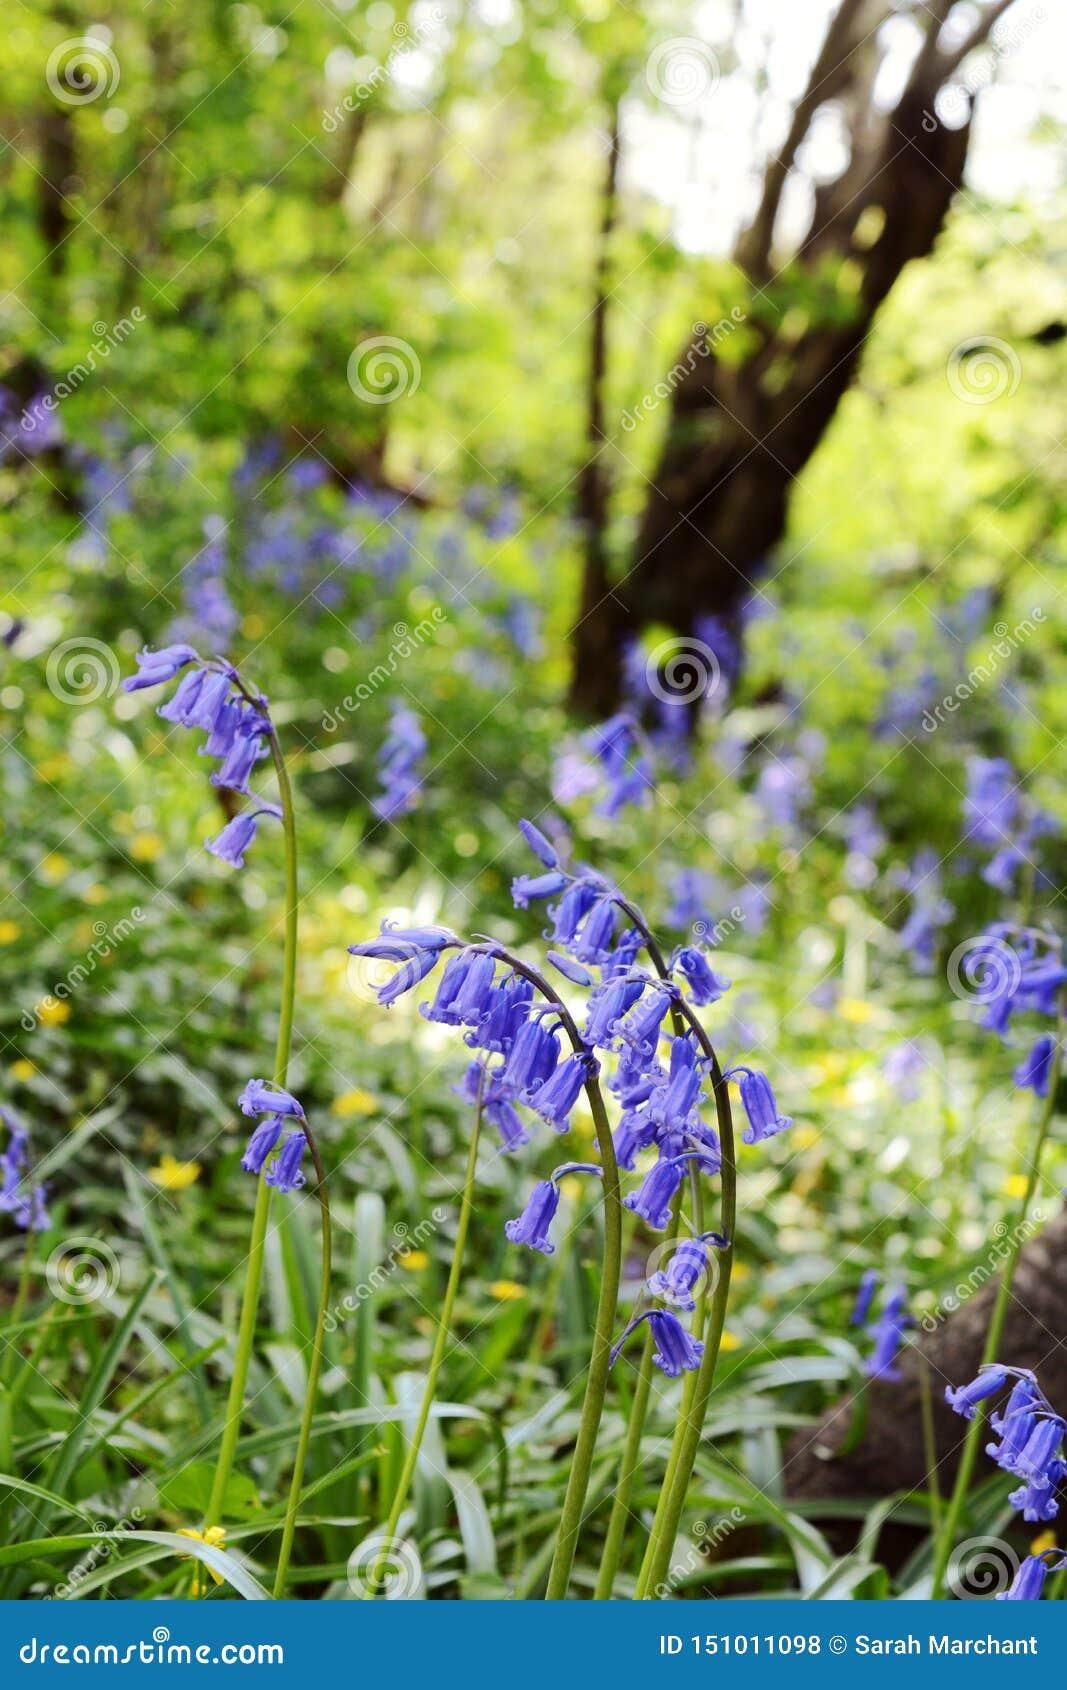 Engelska blåklockor på en bank av lösa blommor